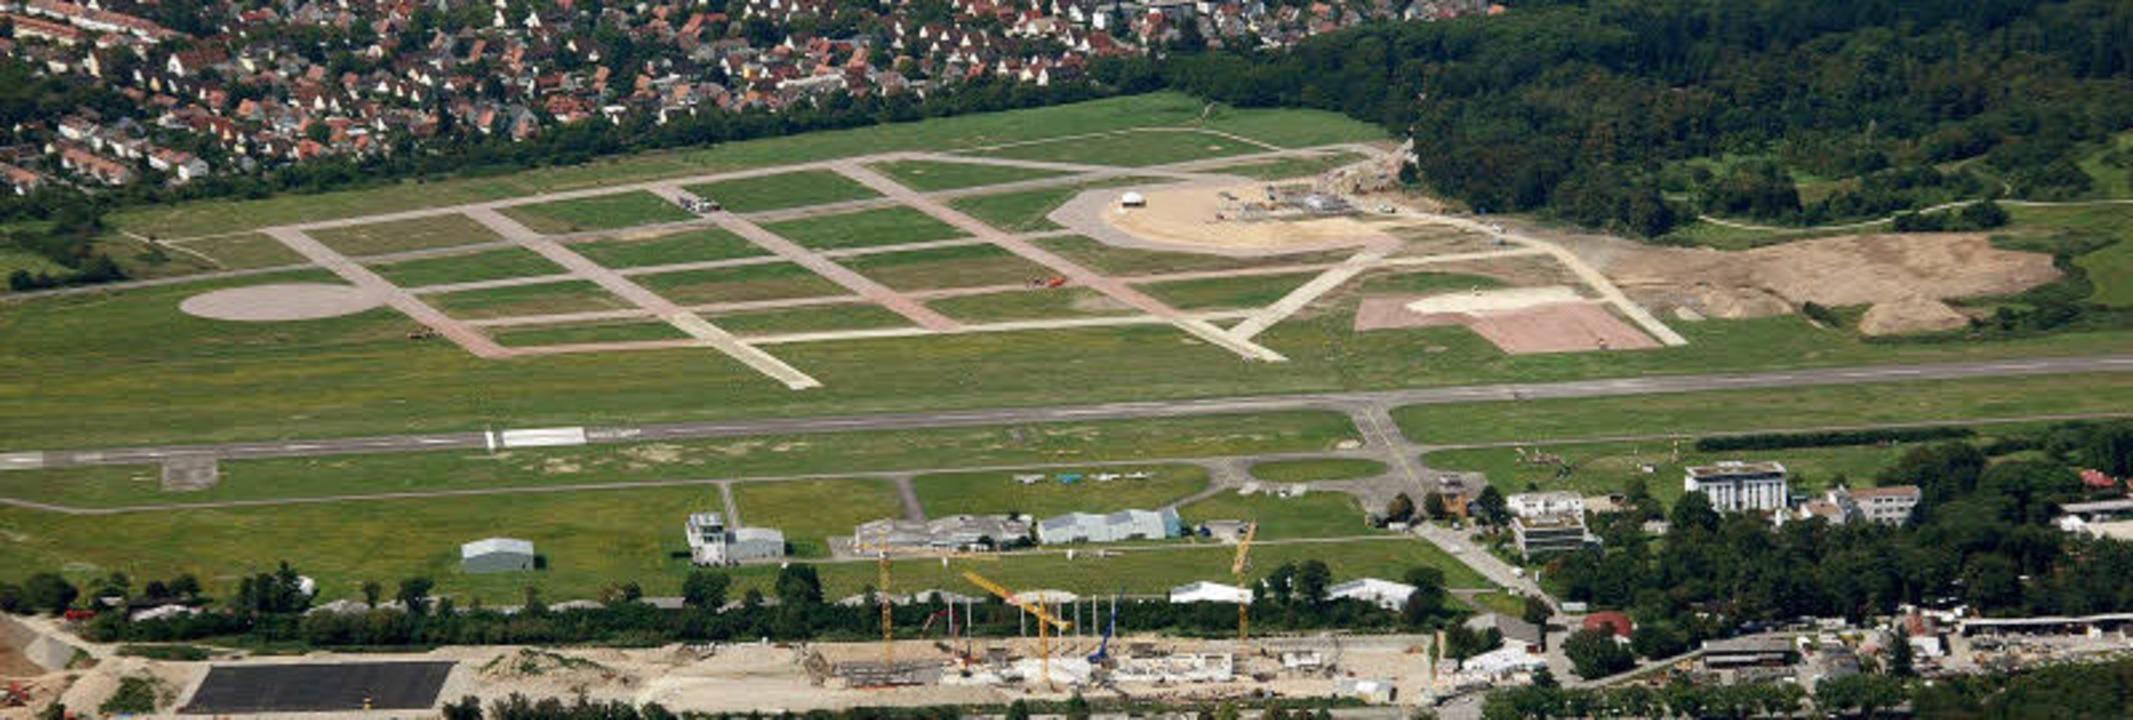 Bauen für den Papstbesuch auf dem Flug...en wächst er gen Himmel (Bild unten).   | Foto: Sasse/Bamberger